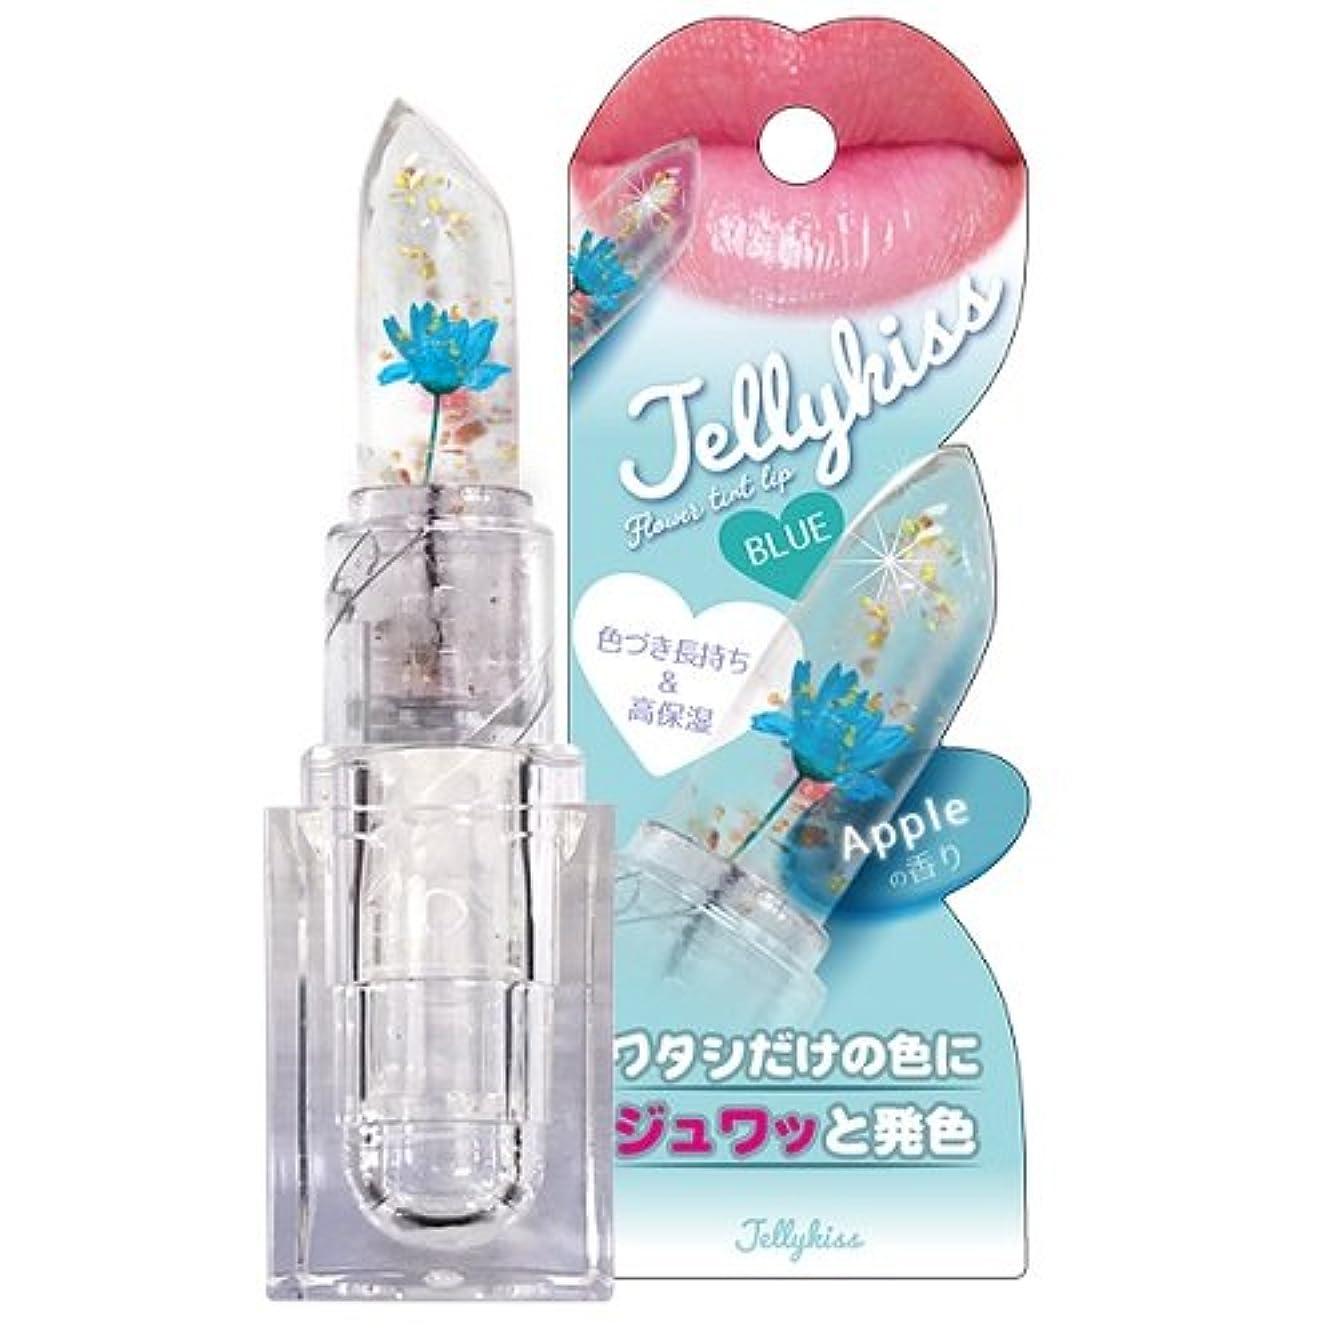 慢な広範囲沈黙ジェリキス (Jelly kiss) 04 ブルー 3.5g